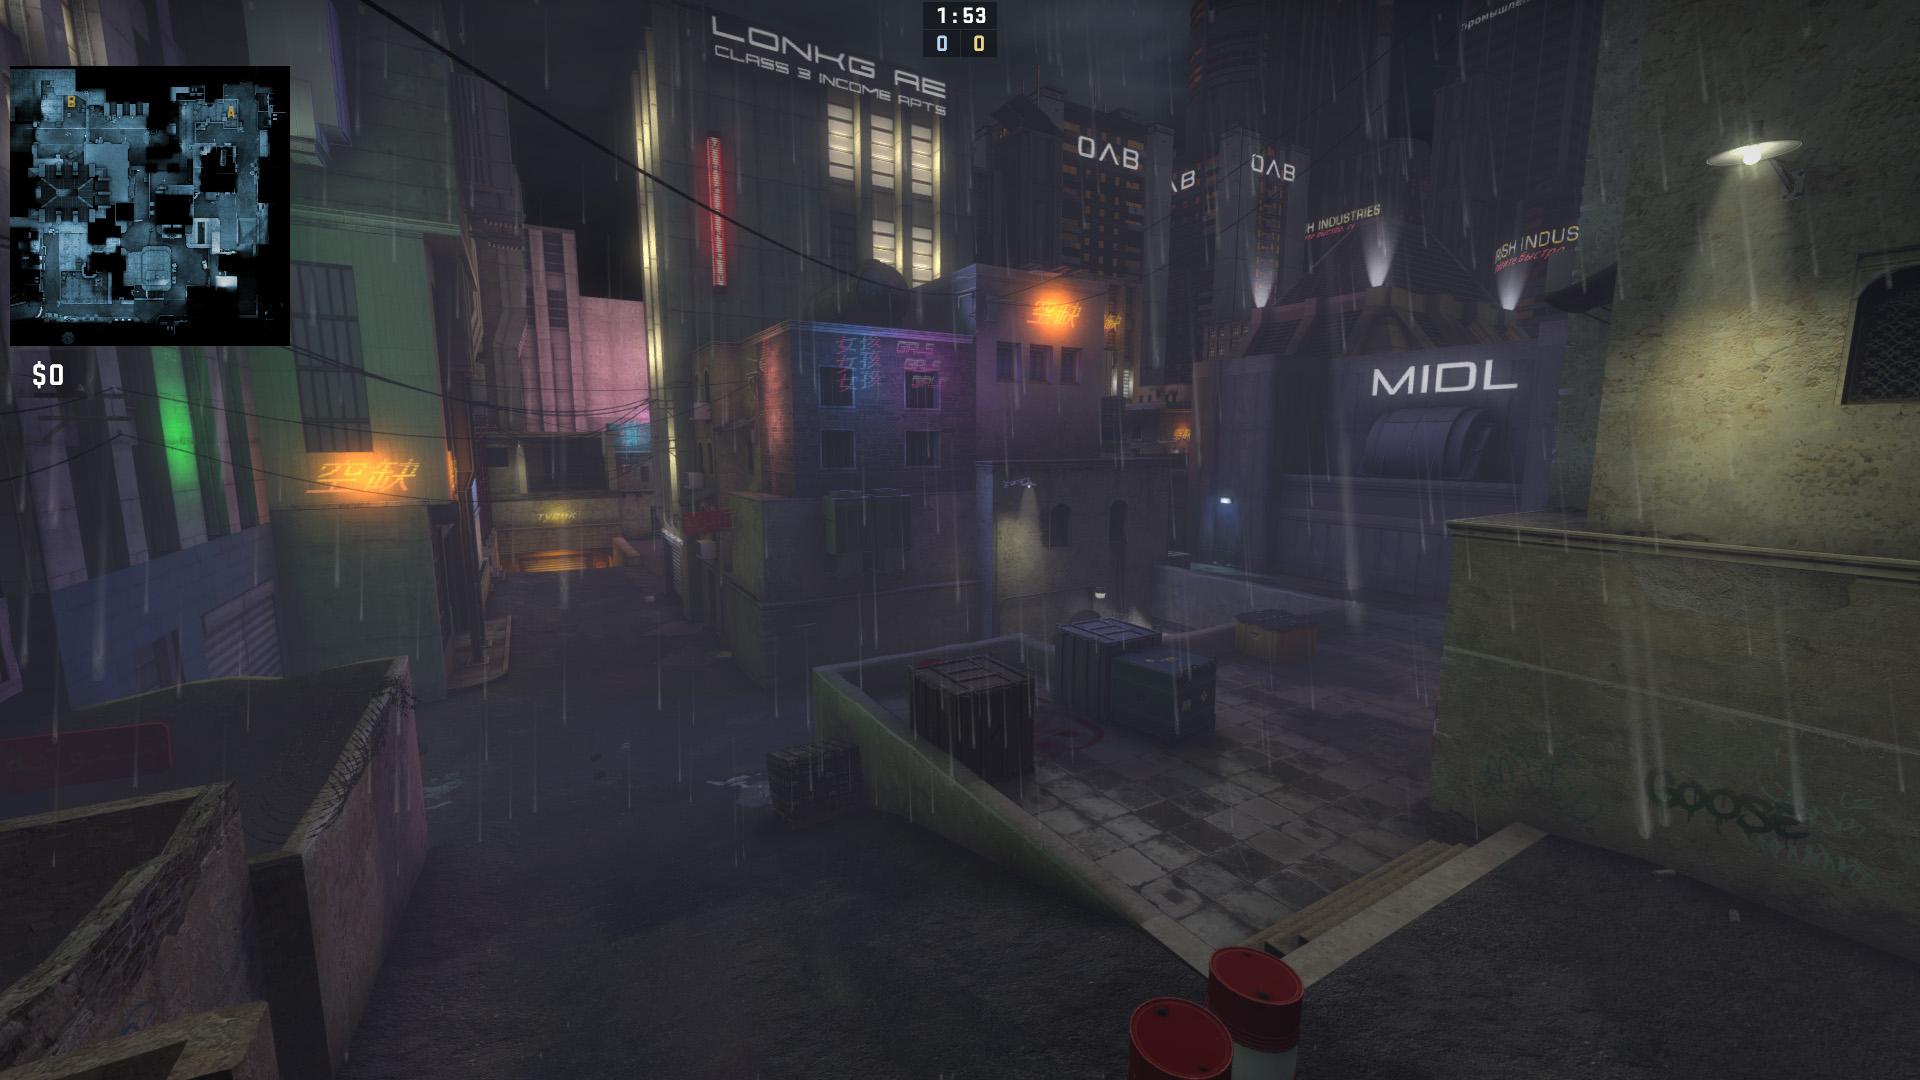 Скачать Dust 2 в стиле Cyberpunk CS:GO бесплатно